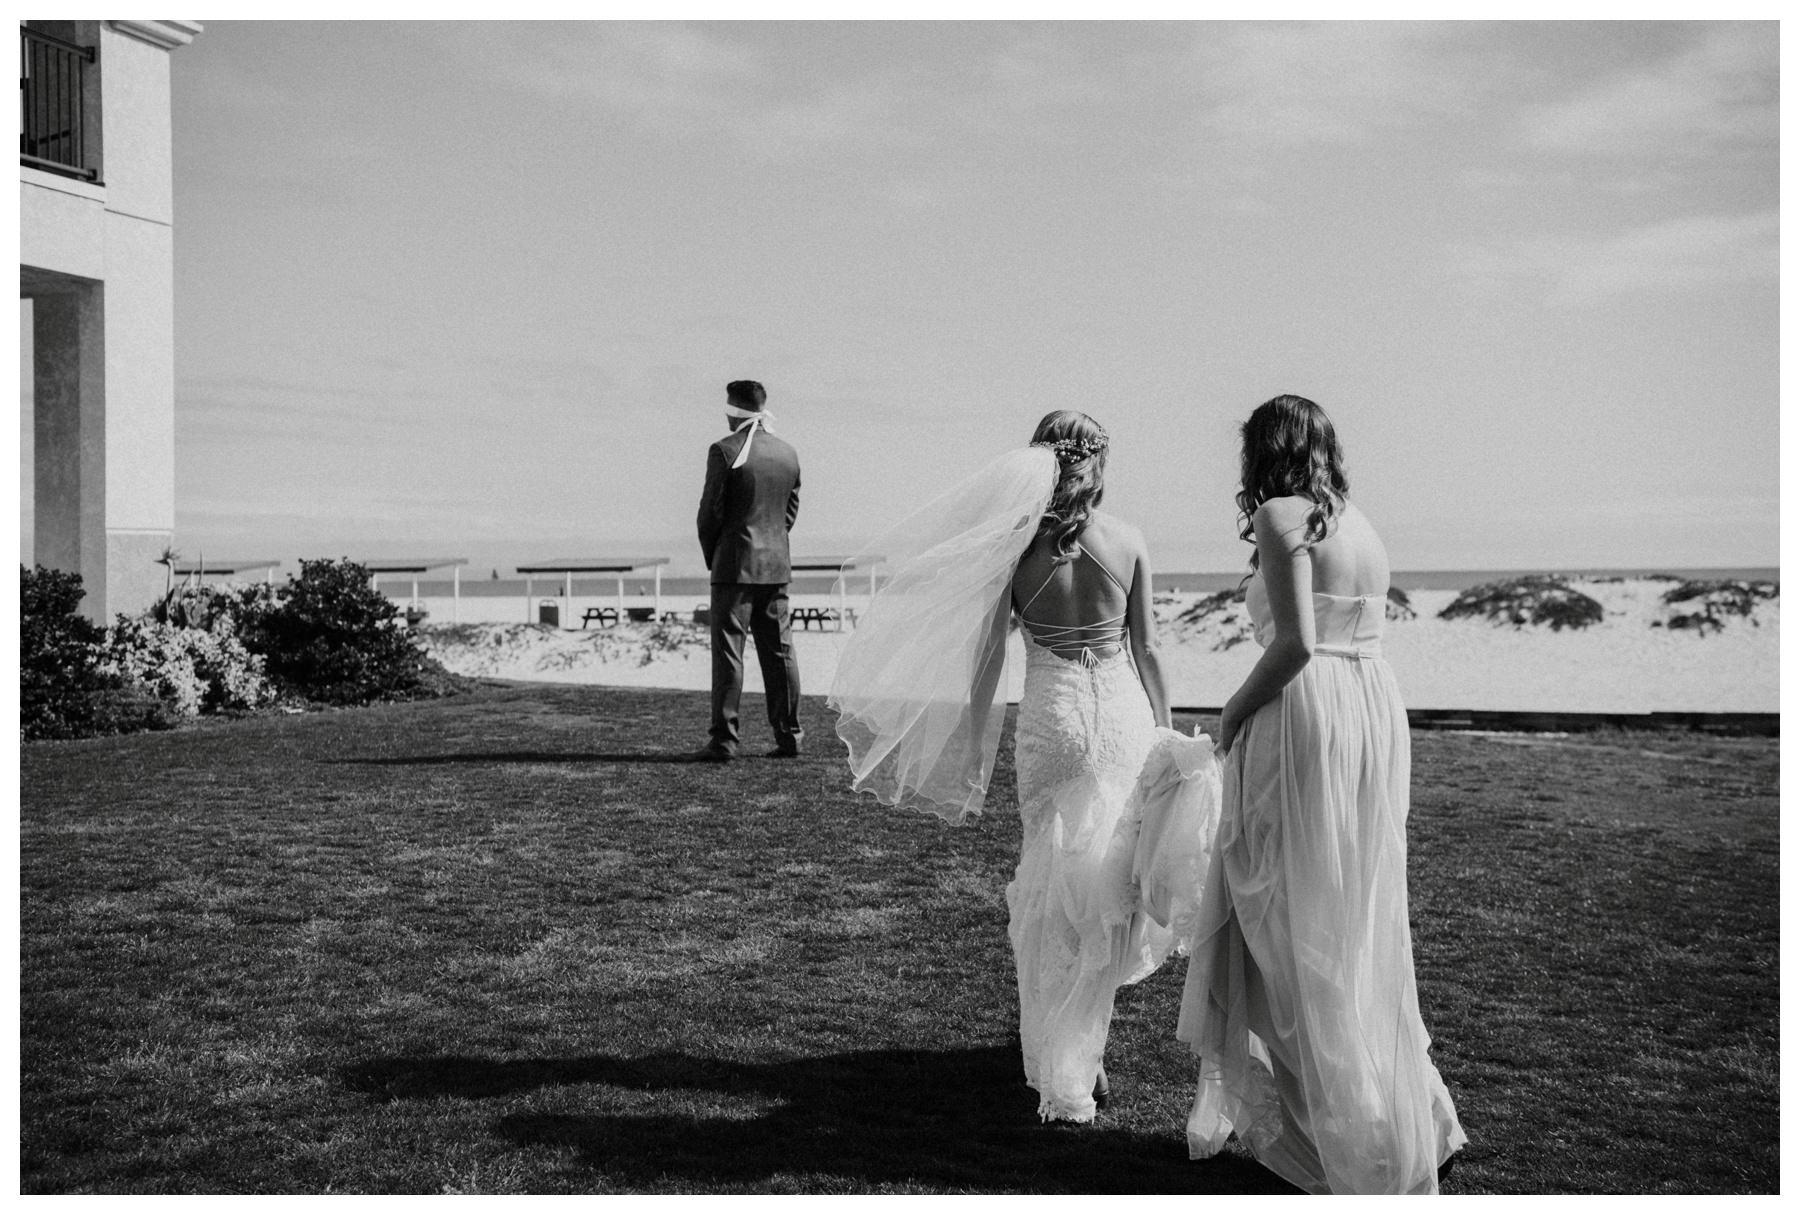 Coronado_Beach_Wedding_Singler_Photography_0015.jpg